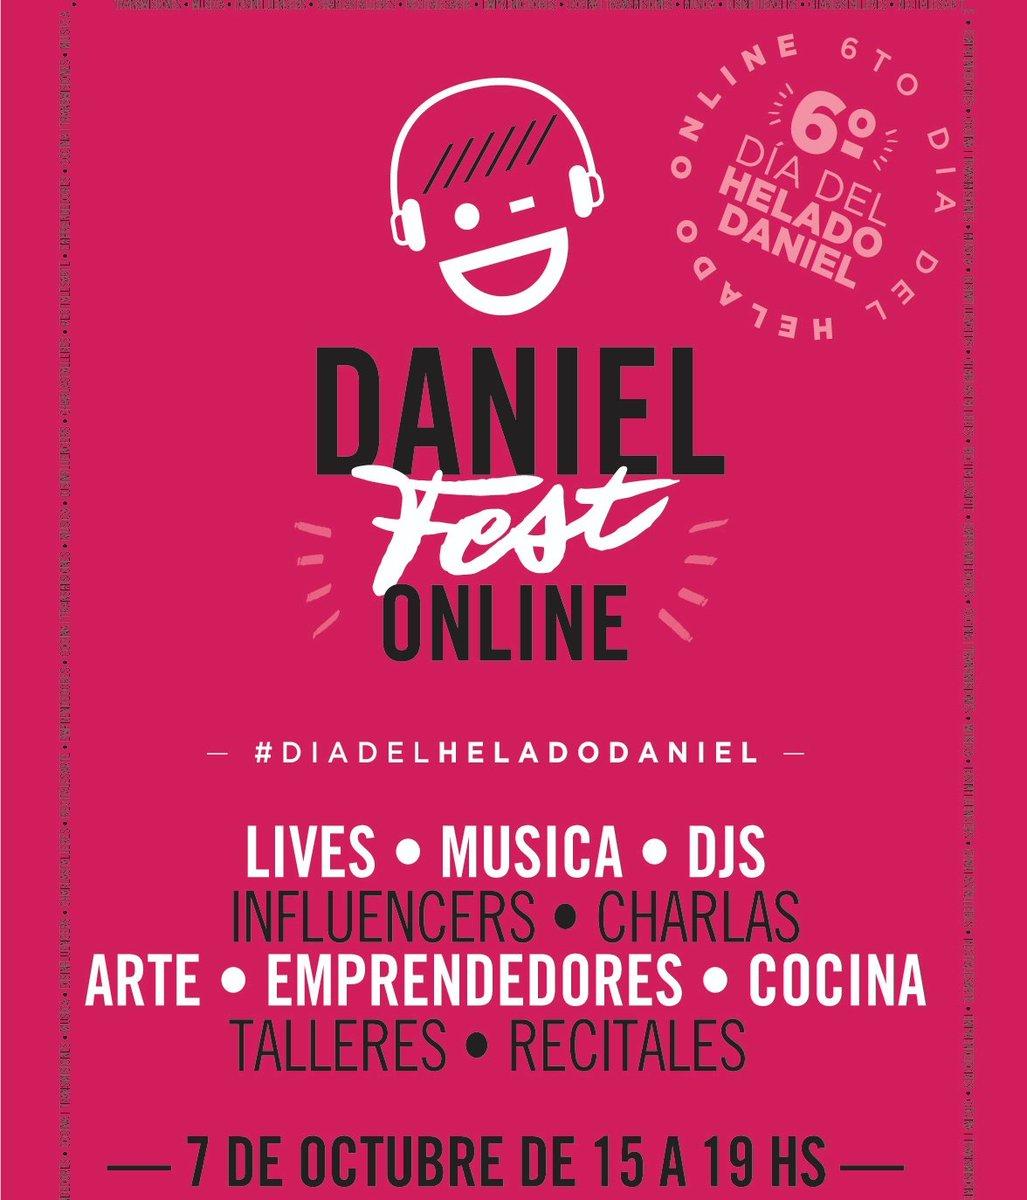 #DanielFest 🥳 Celebremos juntos el 6to #DiaDelHeladoDaniel🍦Este año nos encontramos de forma virtual para compartir música, talleres, recitales, charlas, cocina y mucho más.  Registraté https://t.co/GqonfDpR8w https://t.co/sumQMKYAfy